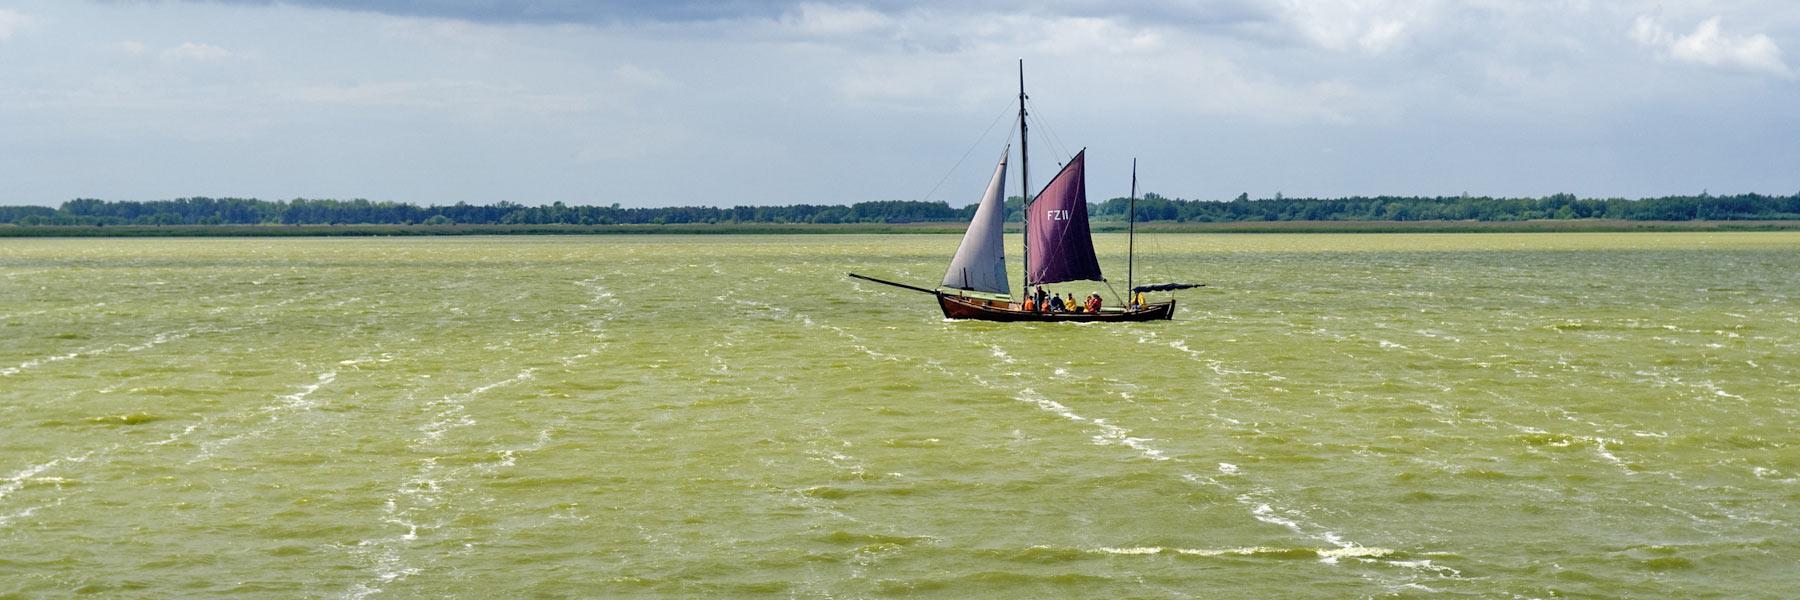 Zeesboot - Ostseebad Dierhagen